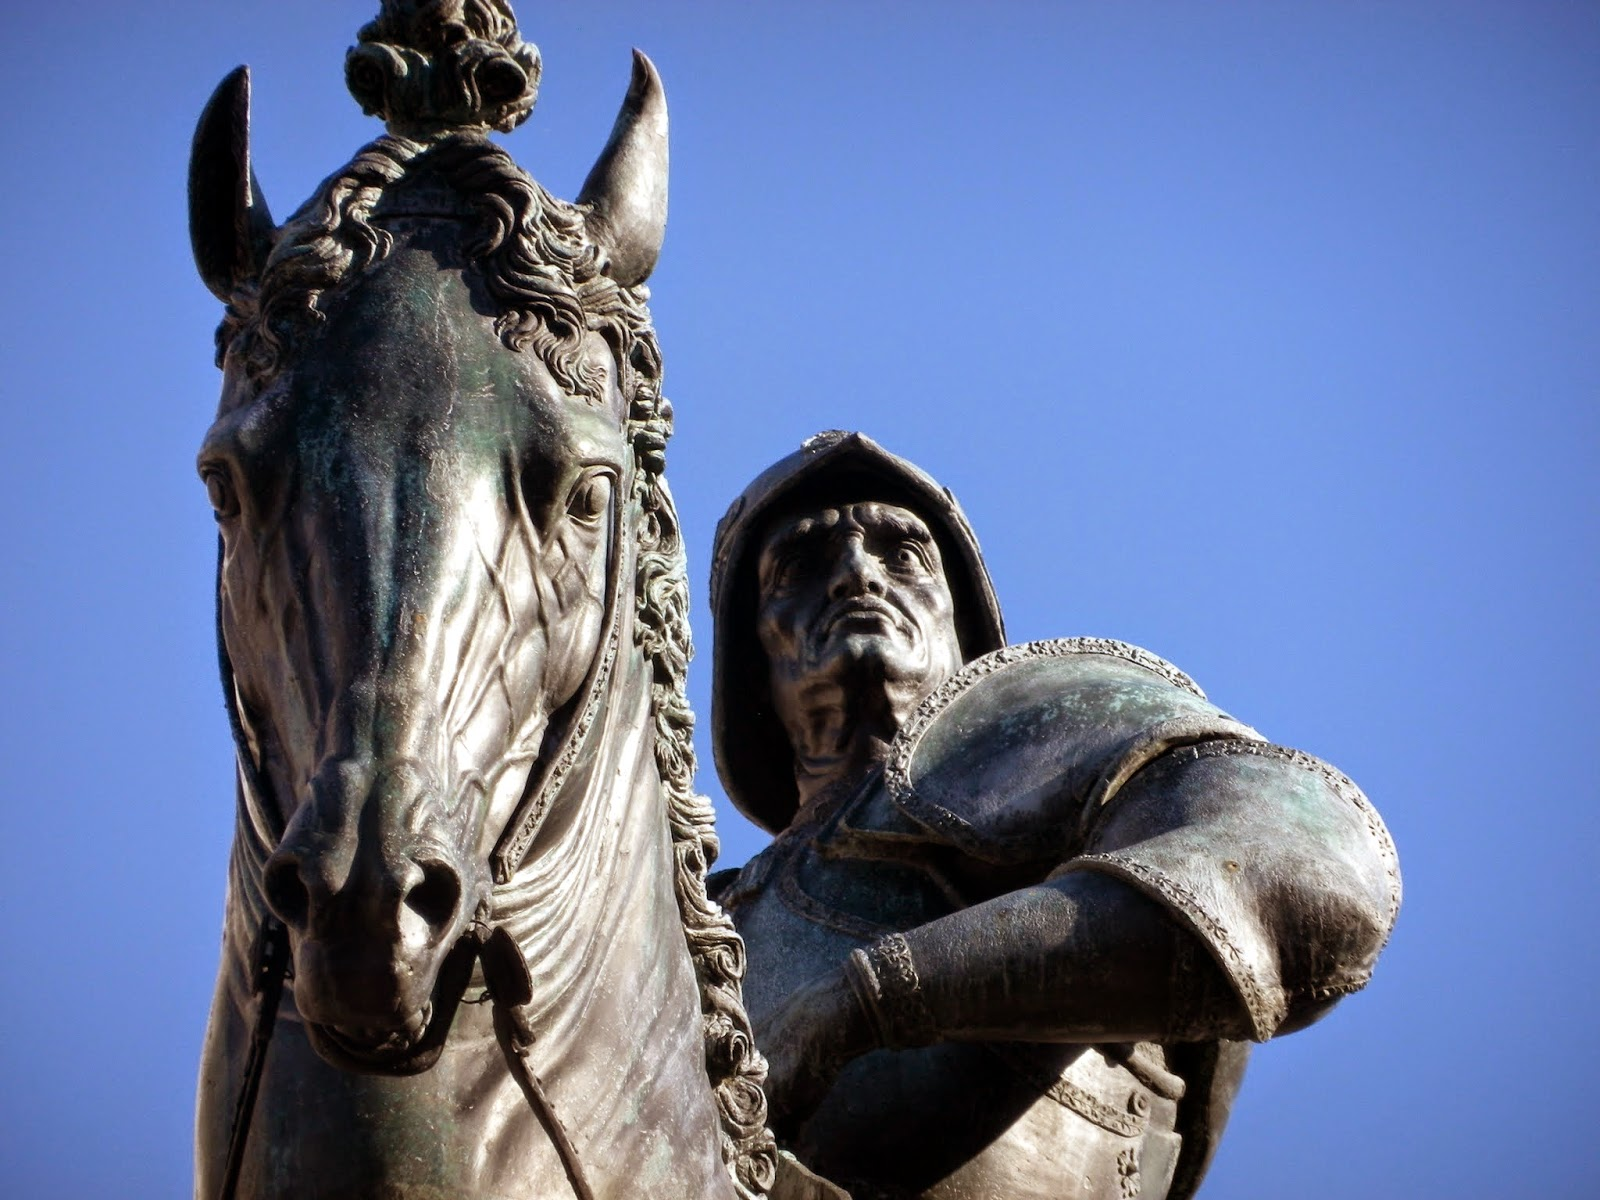 The equestrian statue of Bartolomeo Colleoni, by Verrocchio and Leopardi, Venice